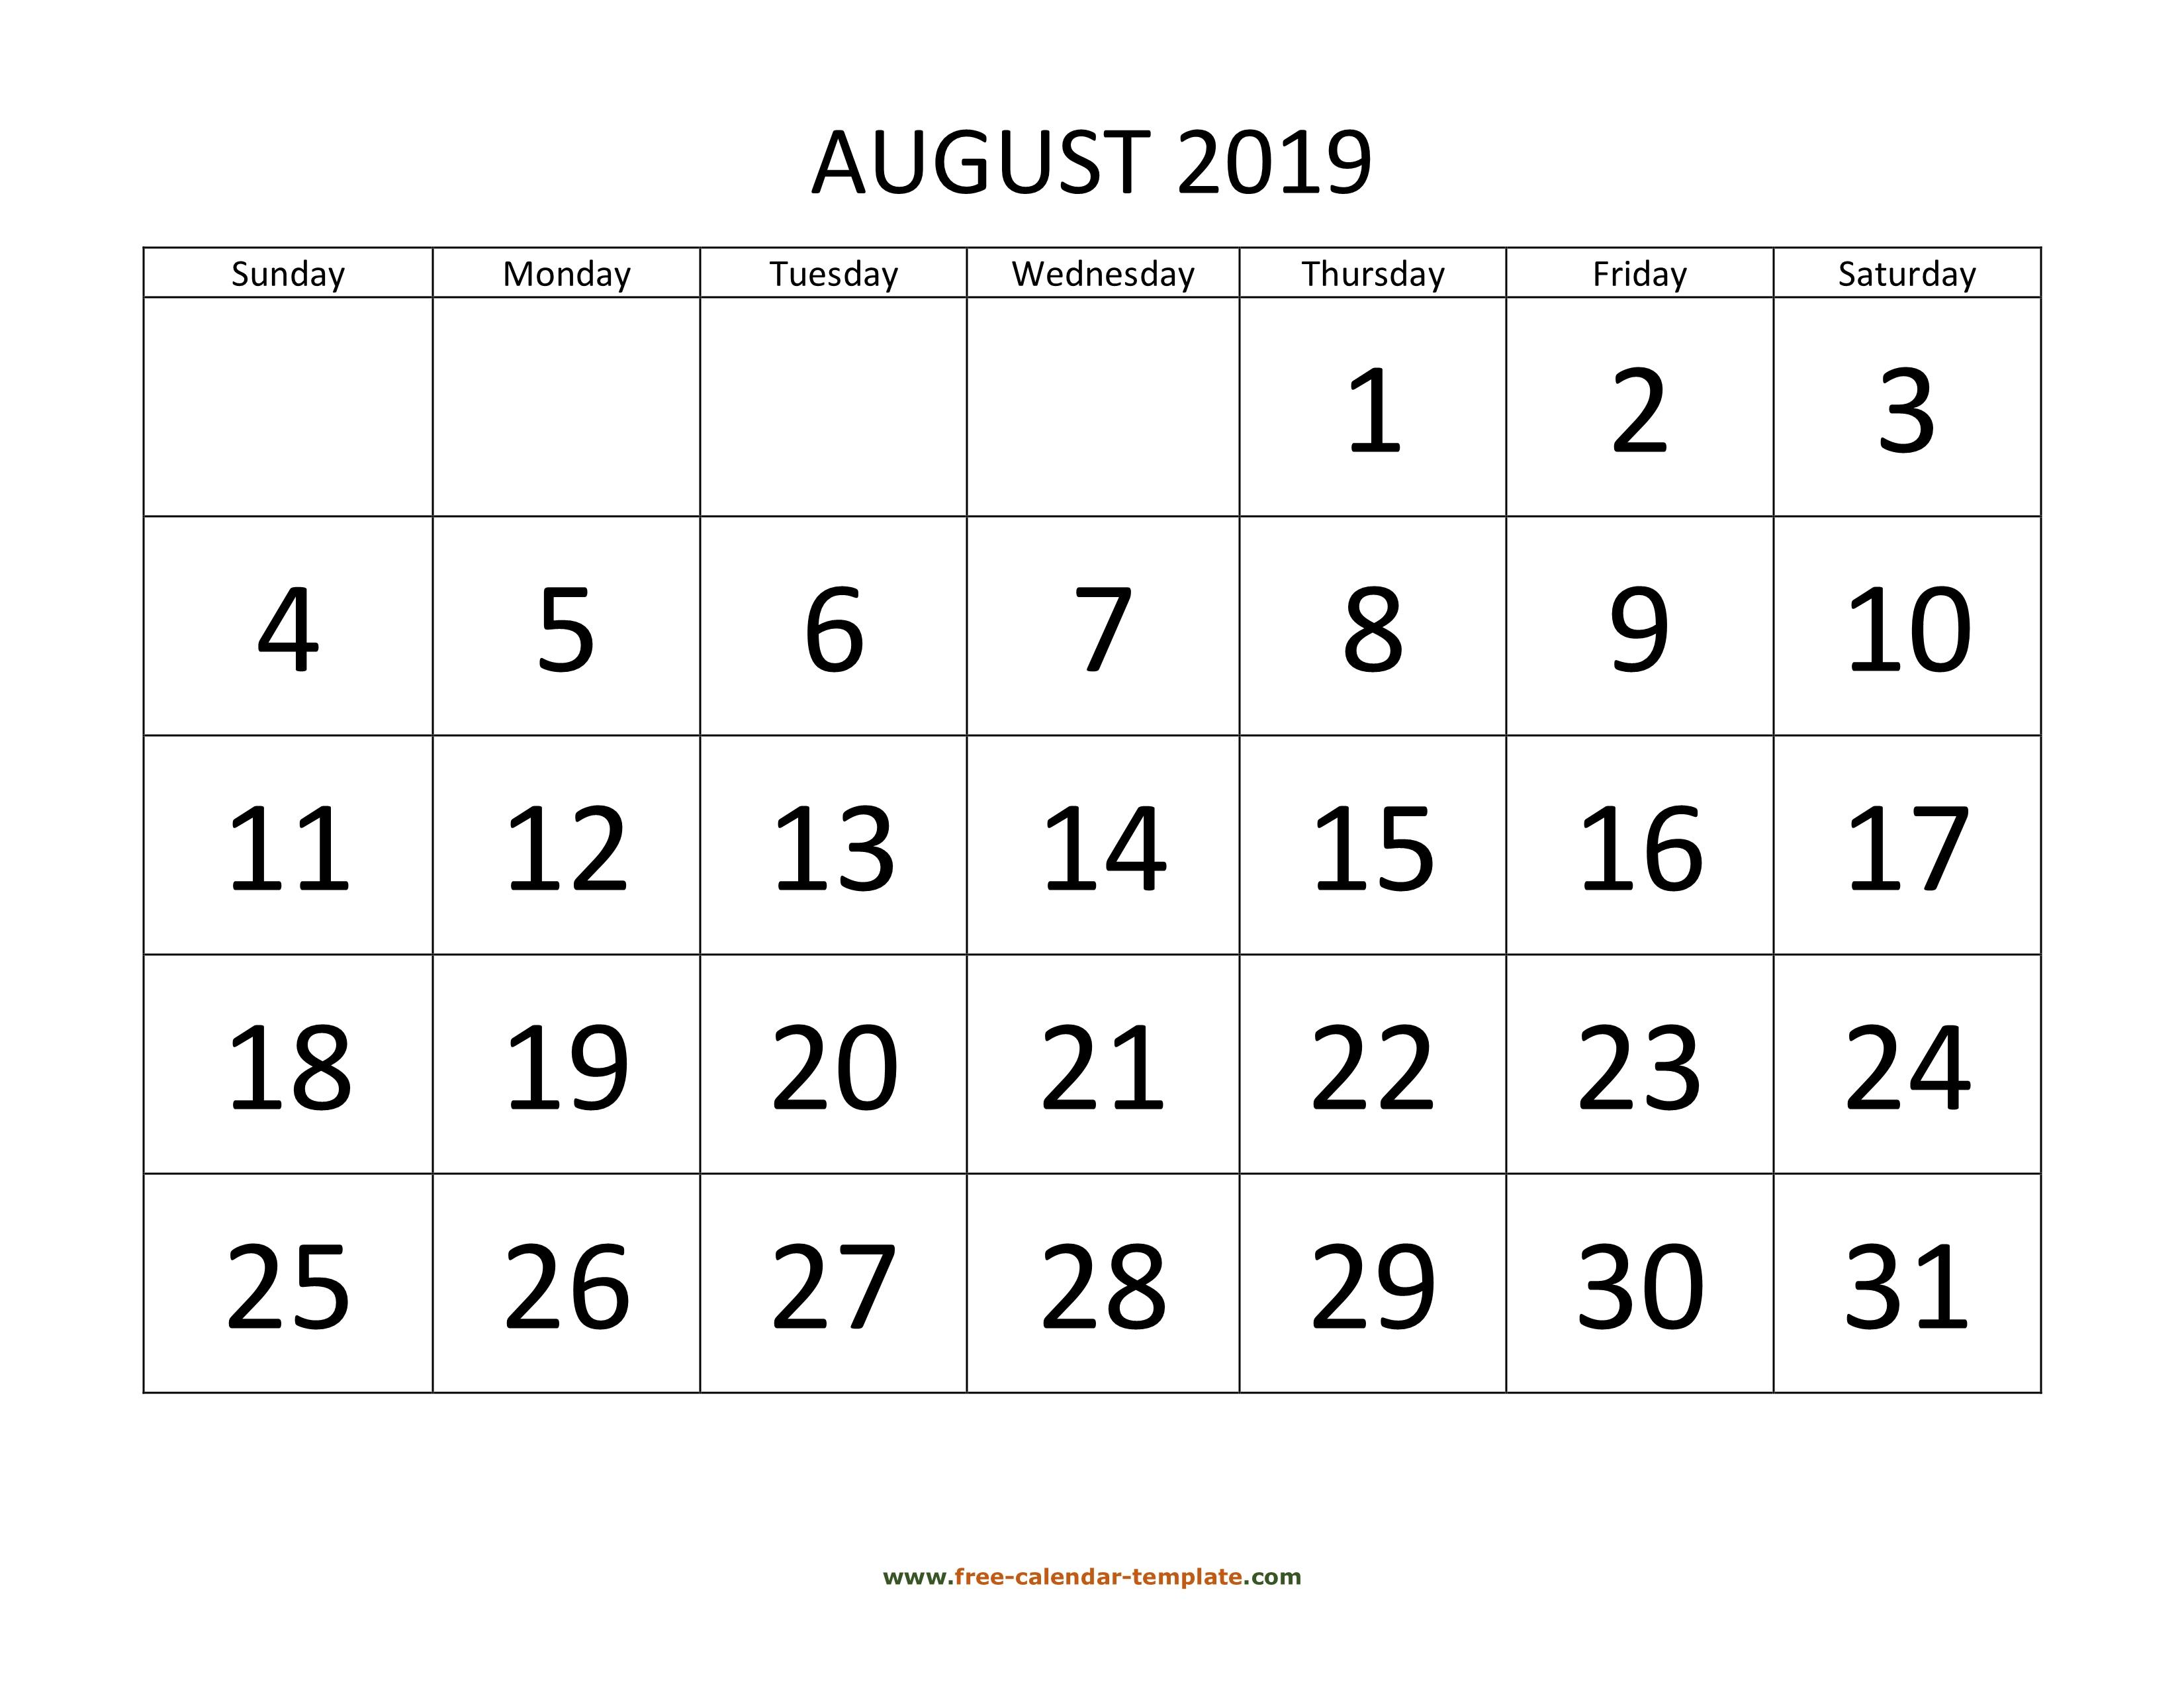 August 2019 Calendar.August 2019 Free Calendar Tempplate Free Calendar Template Com